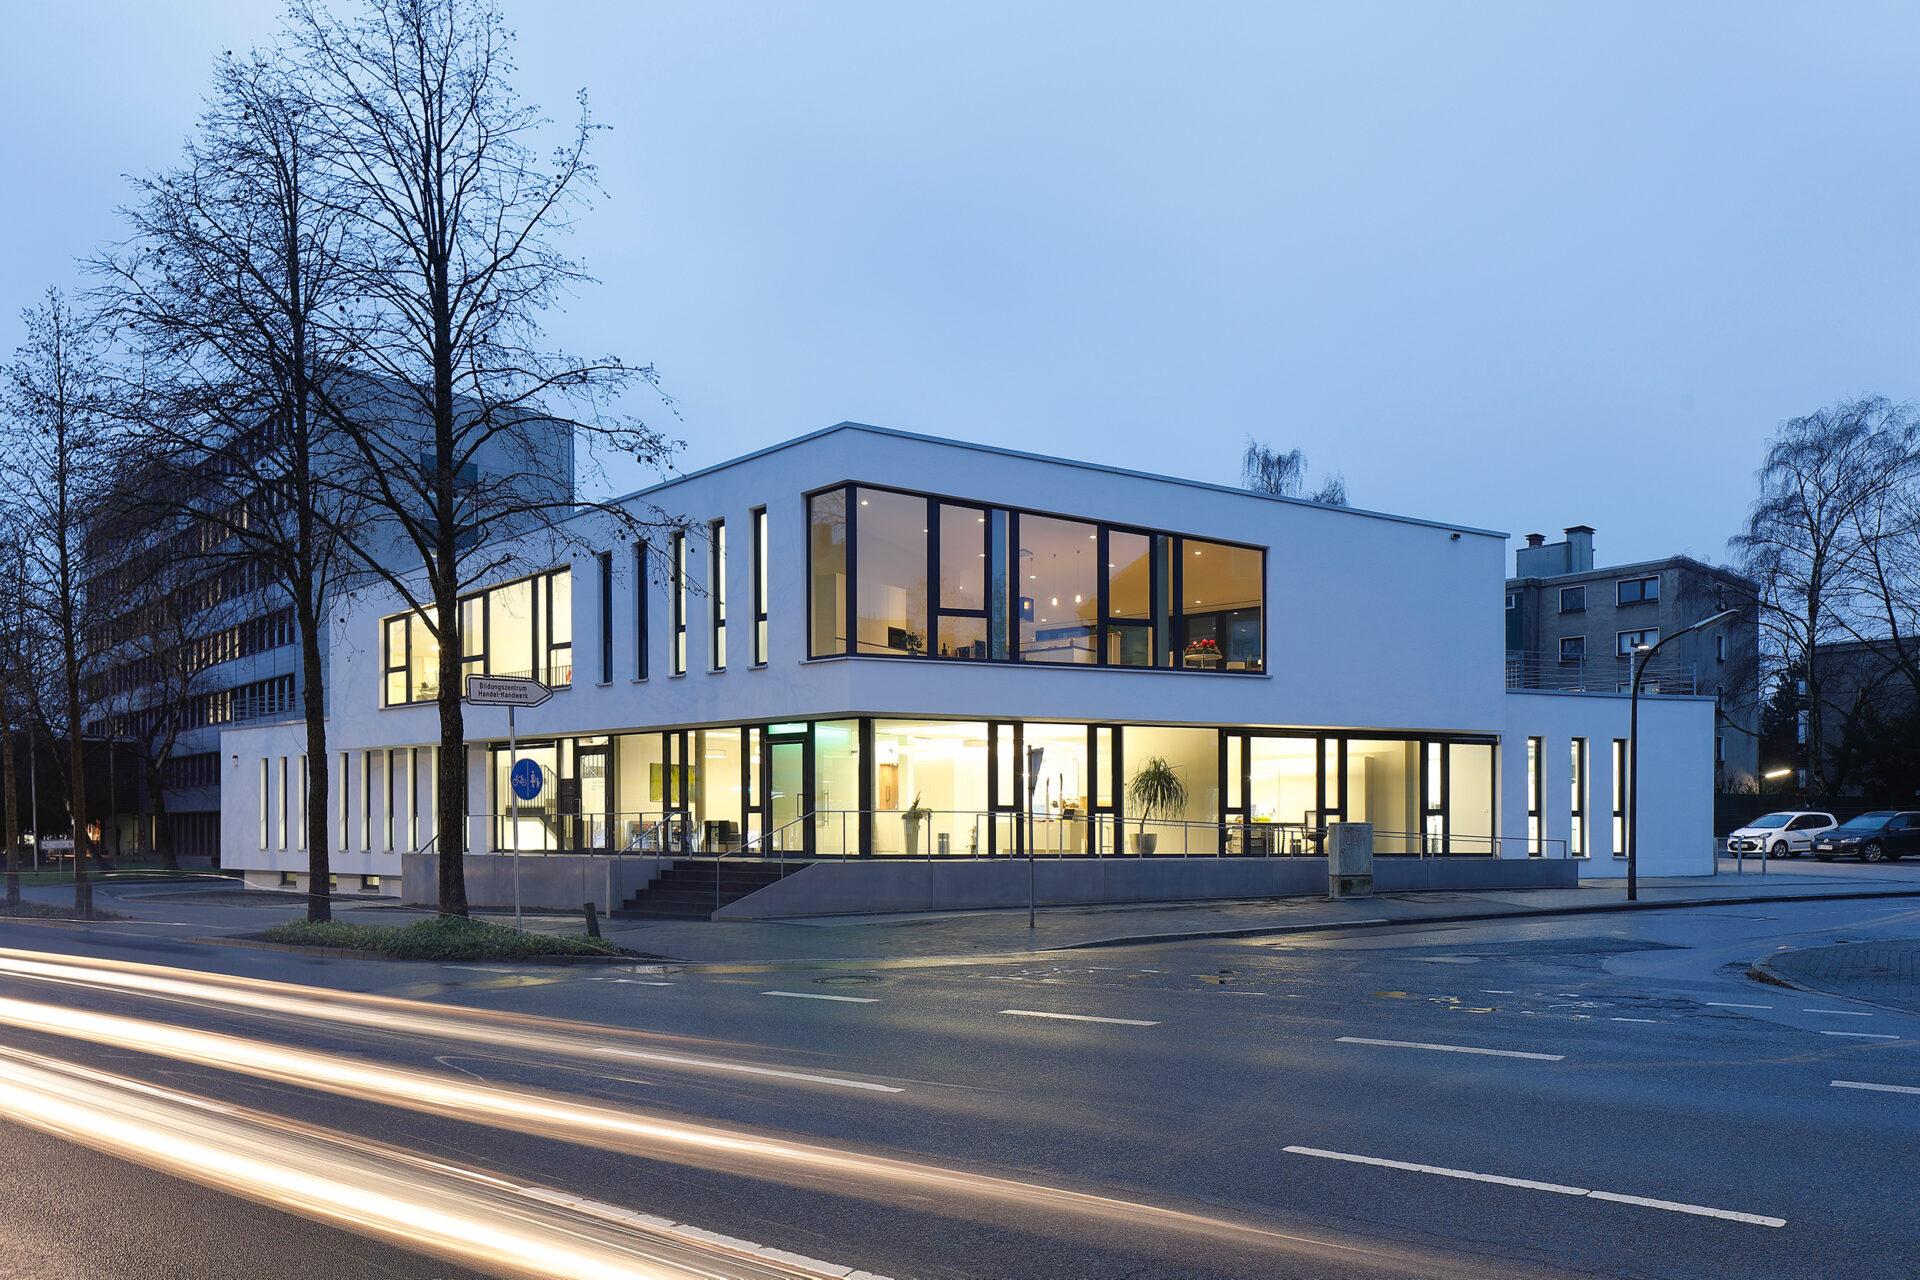 Zentrum für Zahnmedizin Fleuter und Fleuter in Recklinghausen. Foto: Hans Jürgen Landes Fotografie